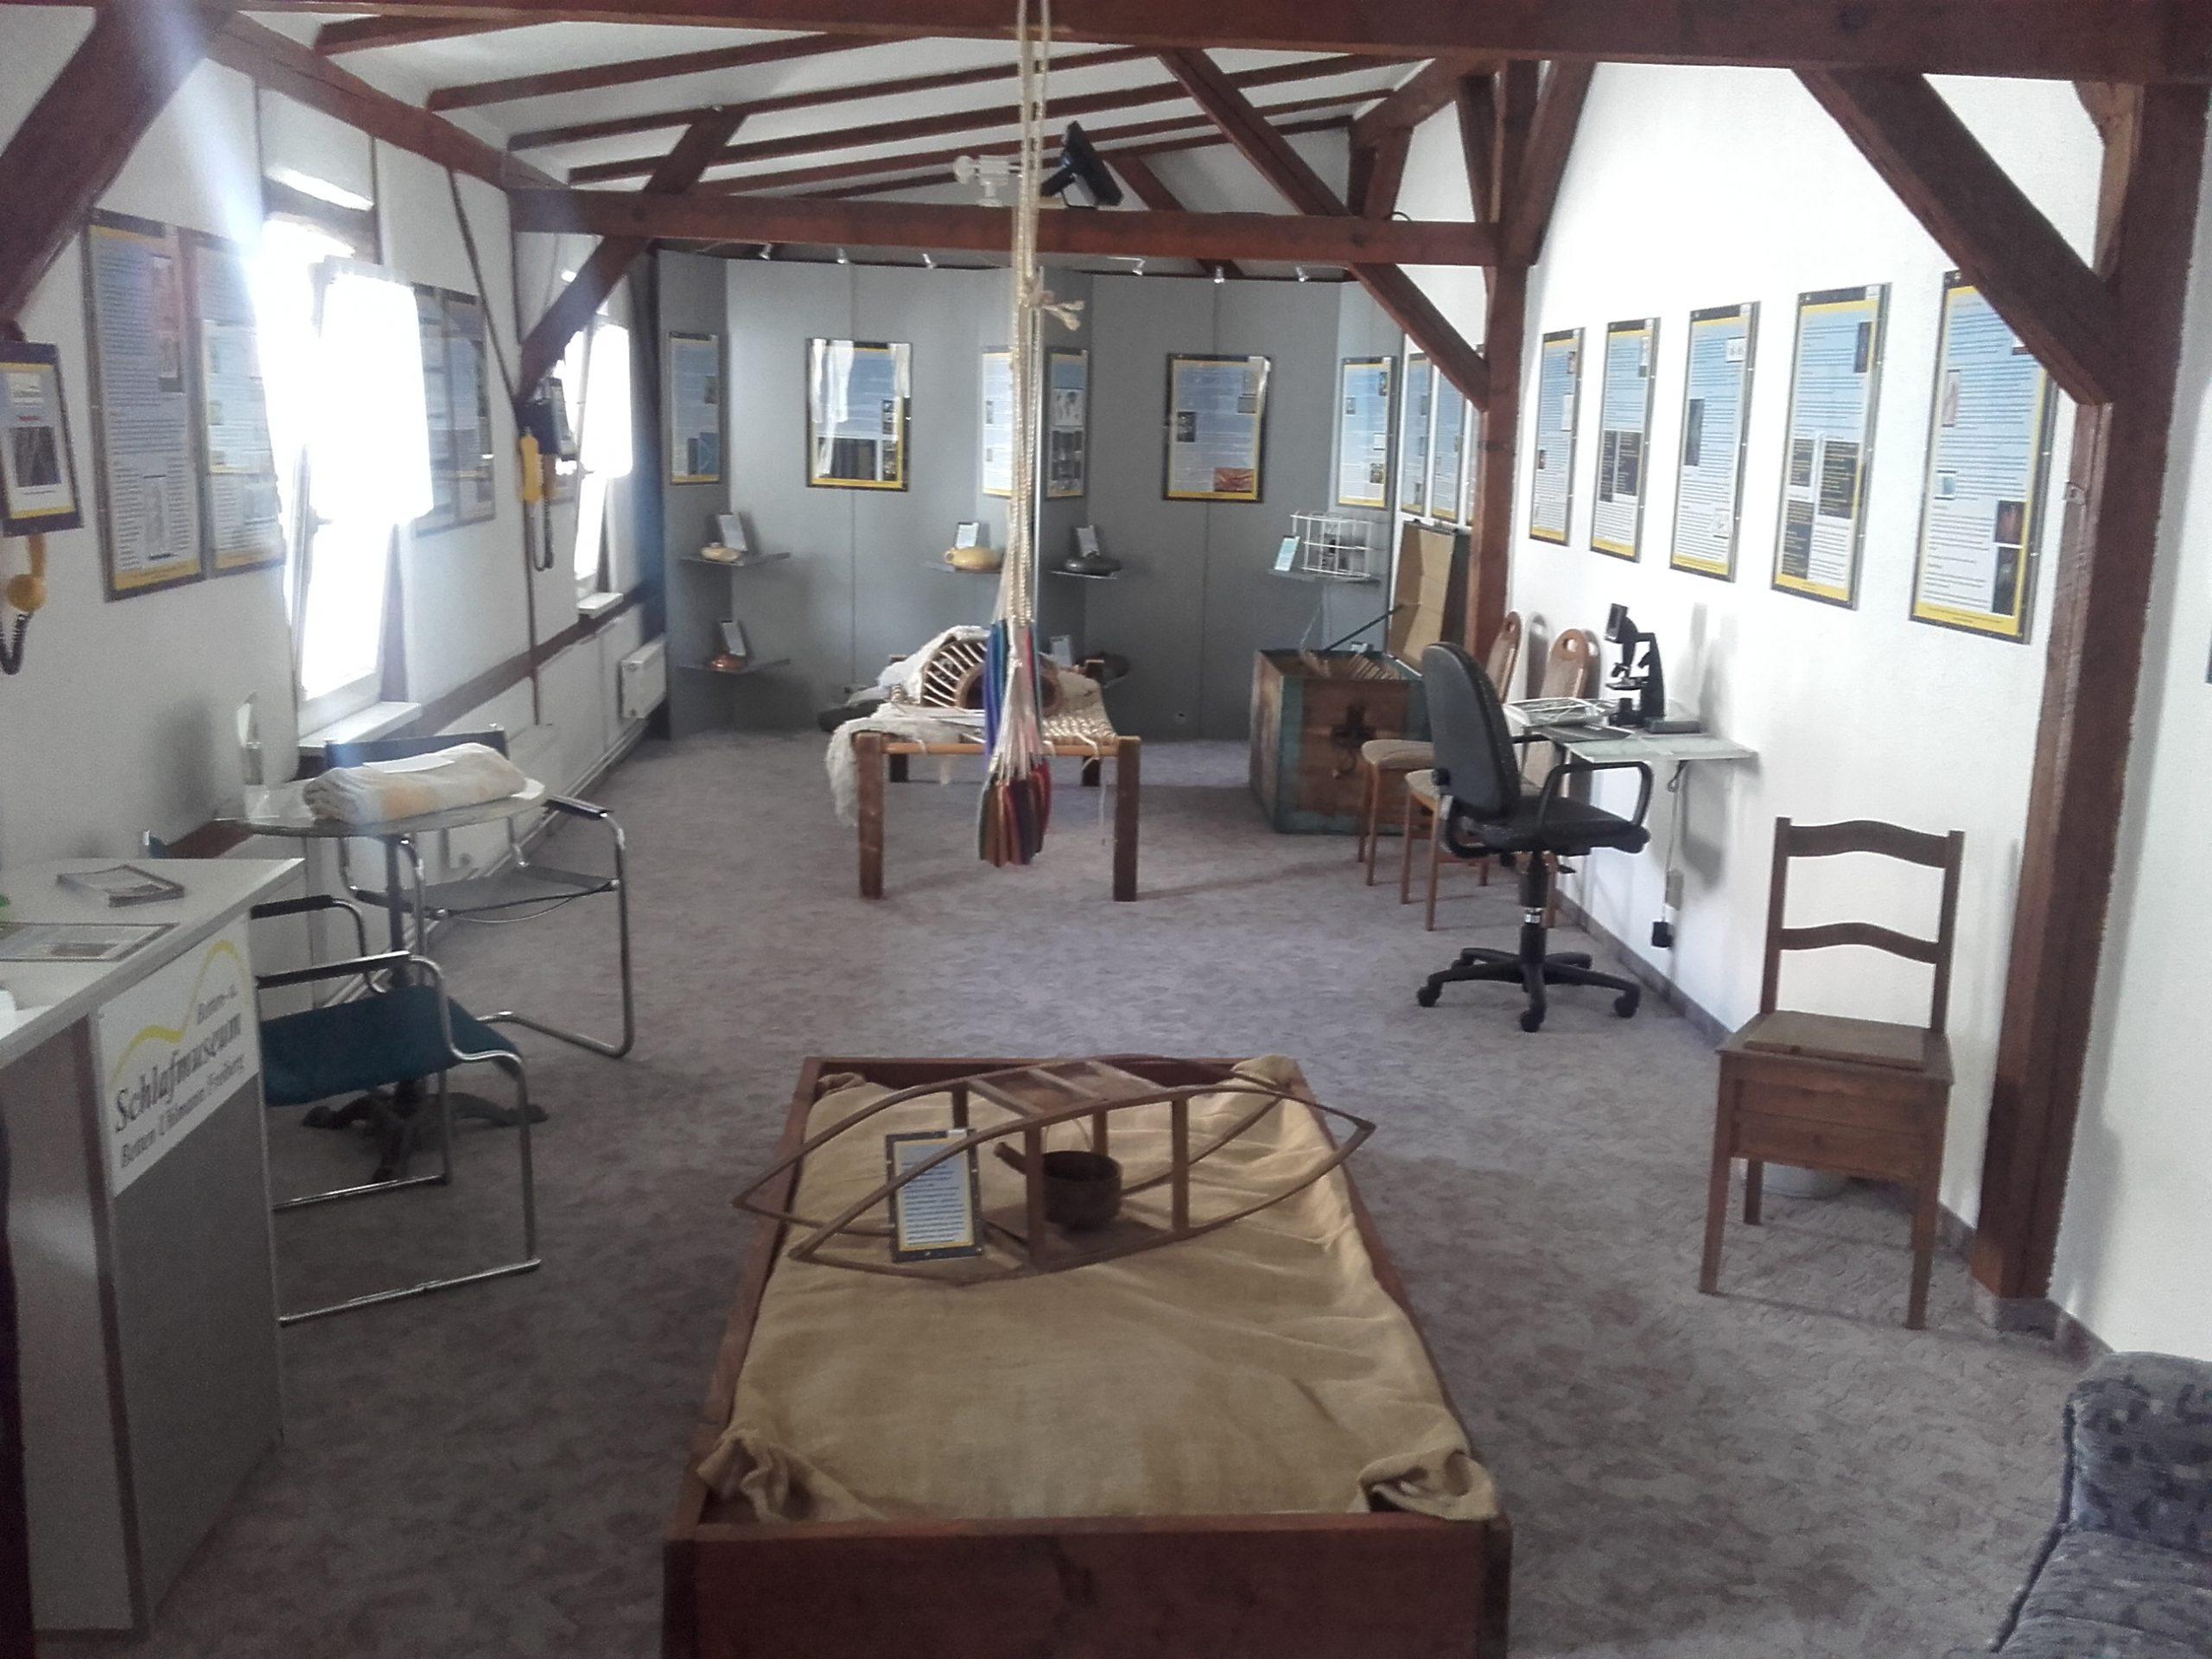 Full Size of Außergewöhnliche Betten Handwerks Museen Luxus Joop Breckle Günstig Kaufen Landhausstil Bonprix Tempur Jugend Amazon Mit Aufbewahrung Xxl 180x200 Musterring Bett Außergewöhnliche Betten